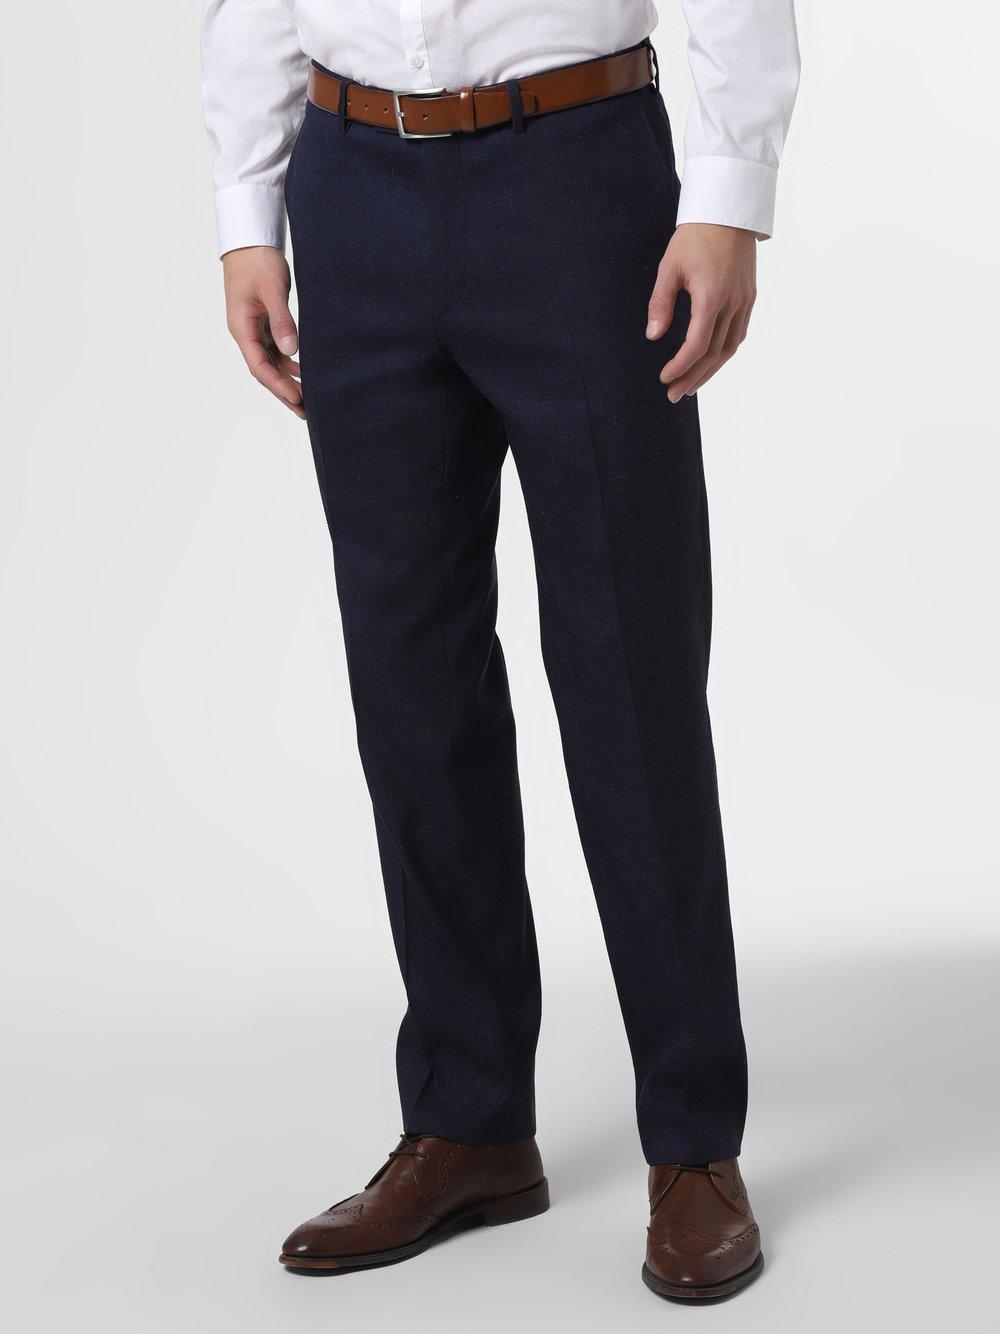 Andrew James New York – Męskie spodnie od garnituru modułowego – Carter, niebieski Van Graaf 467042-0001-00520